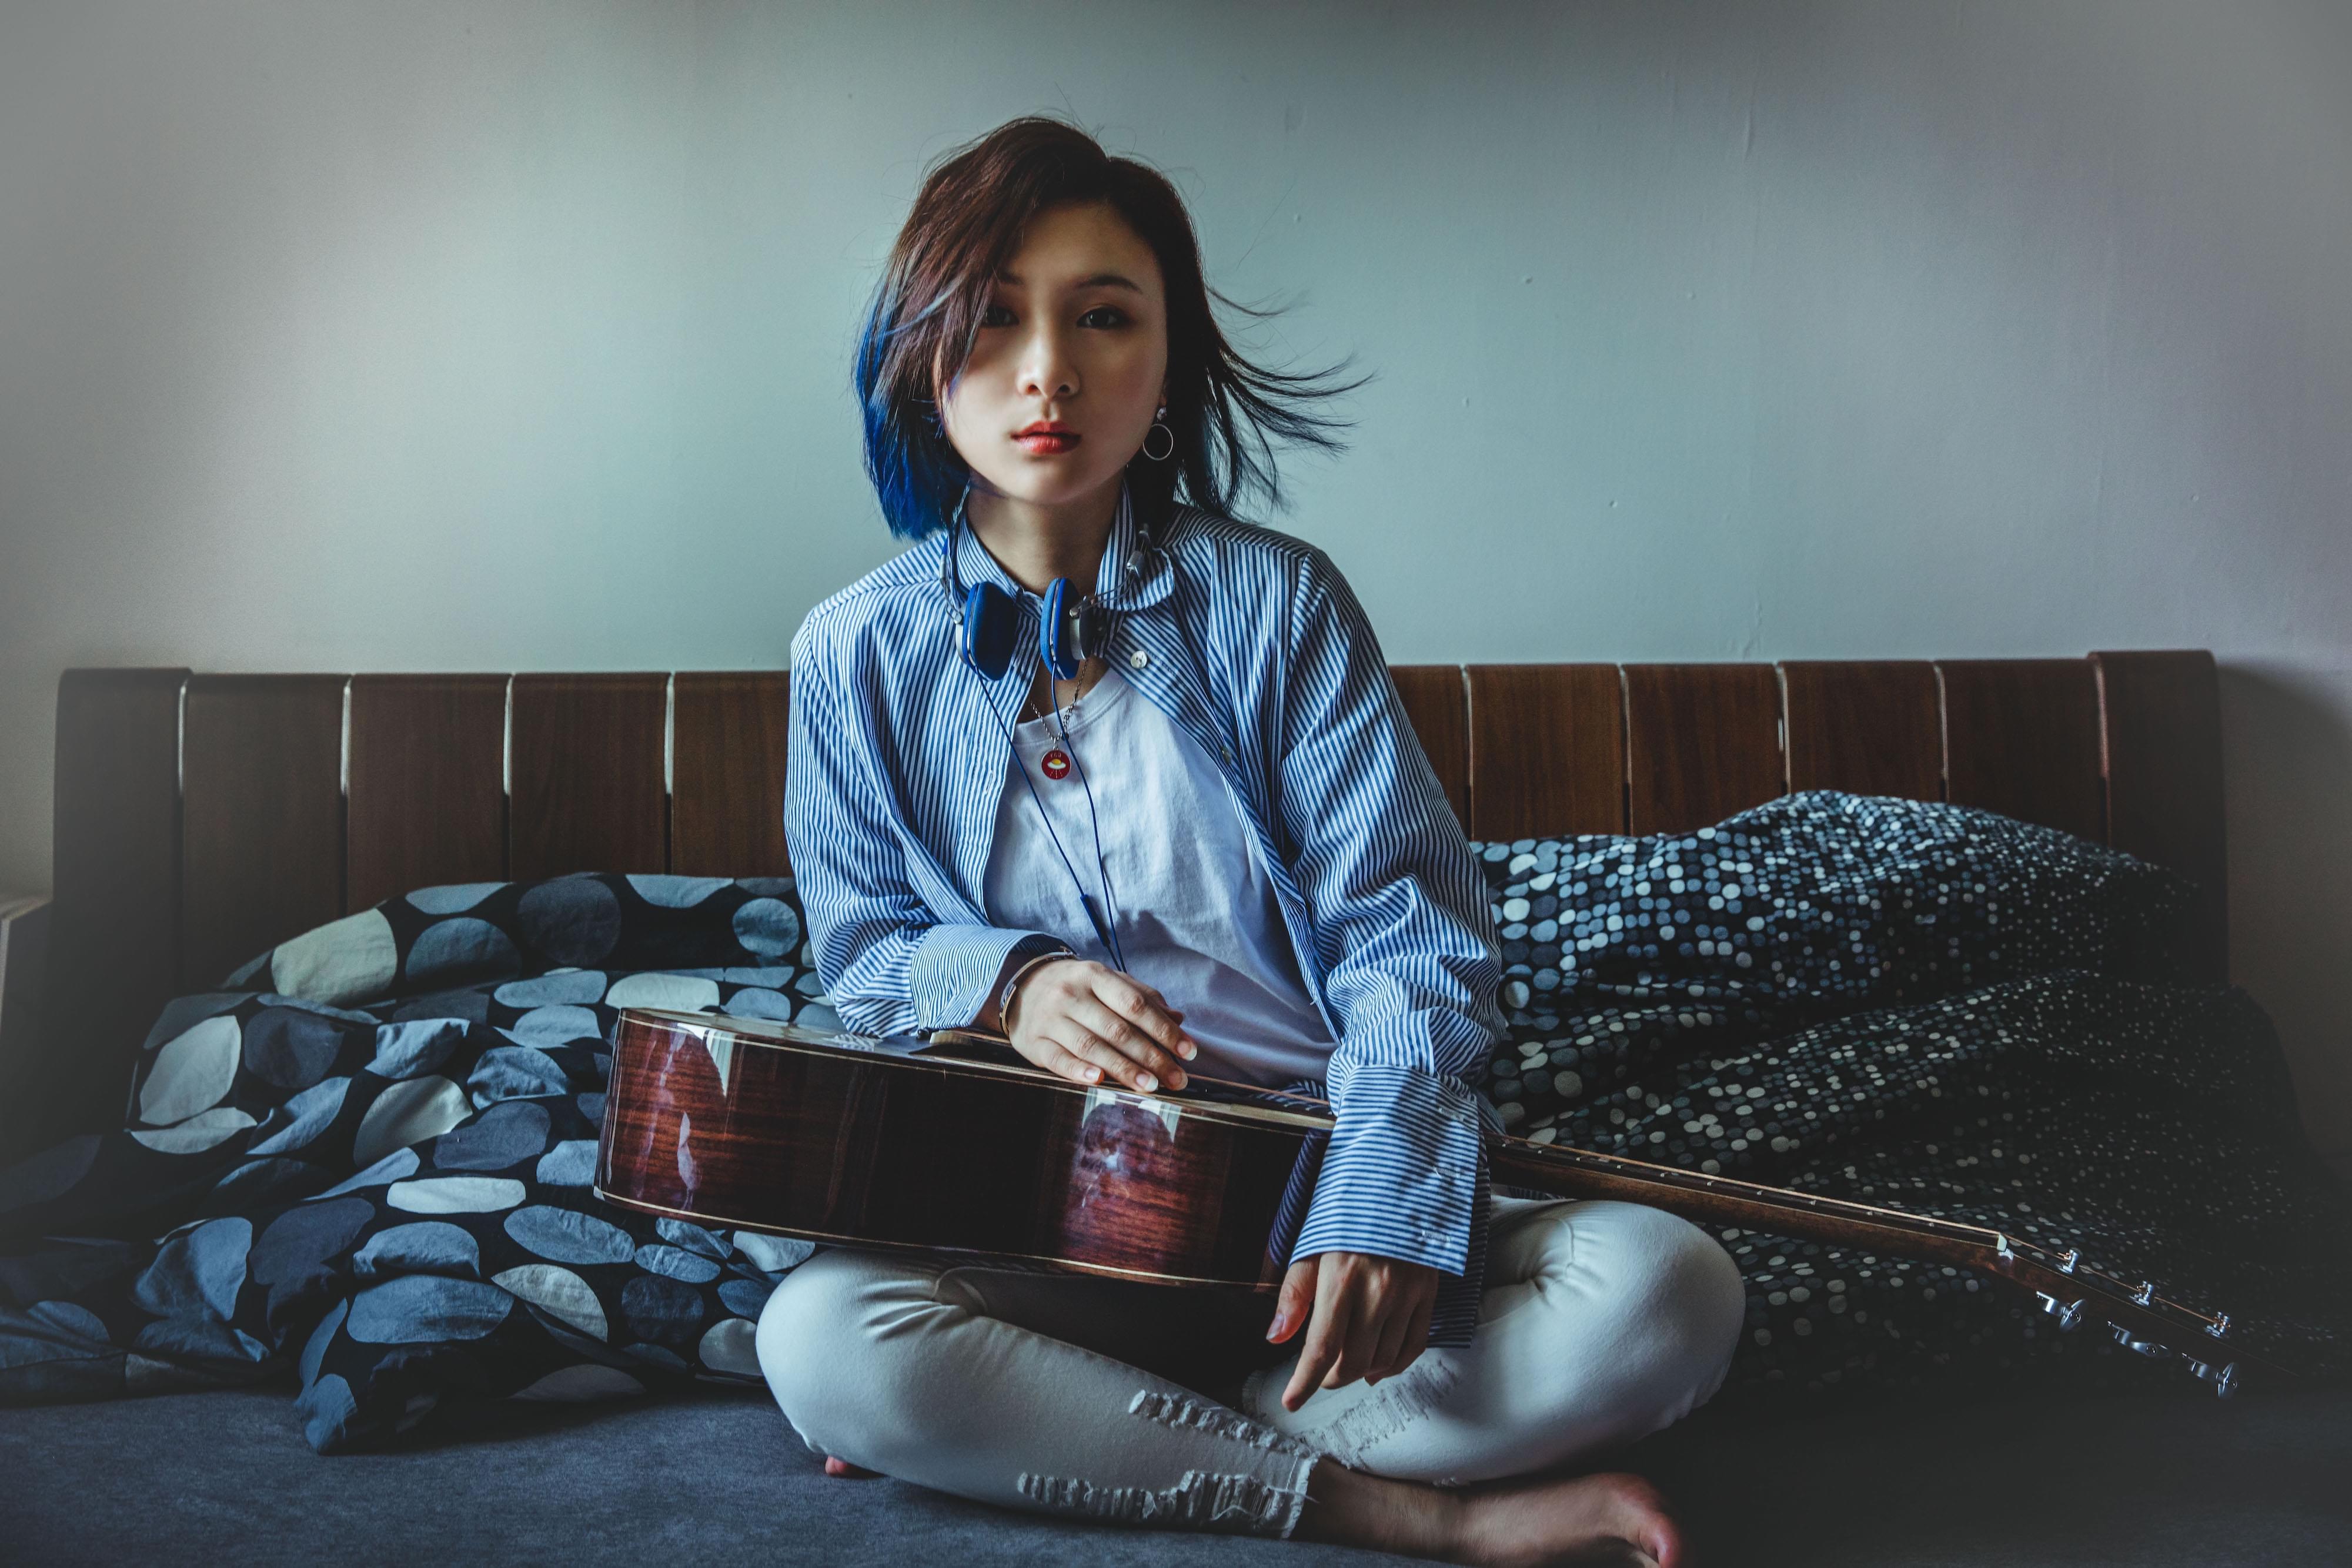 李雨首张专辑《鱼里言吾》 展现创作才华与实力